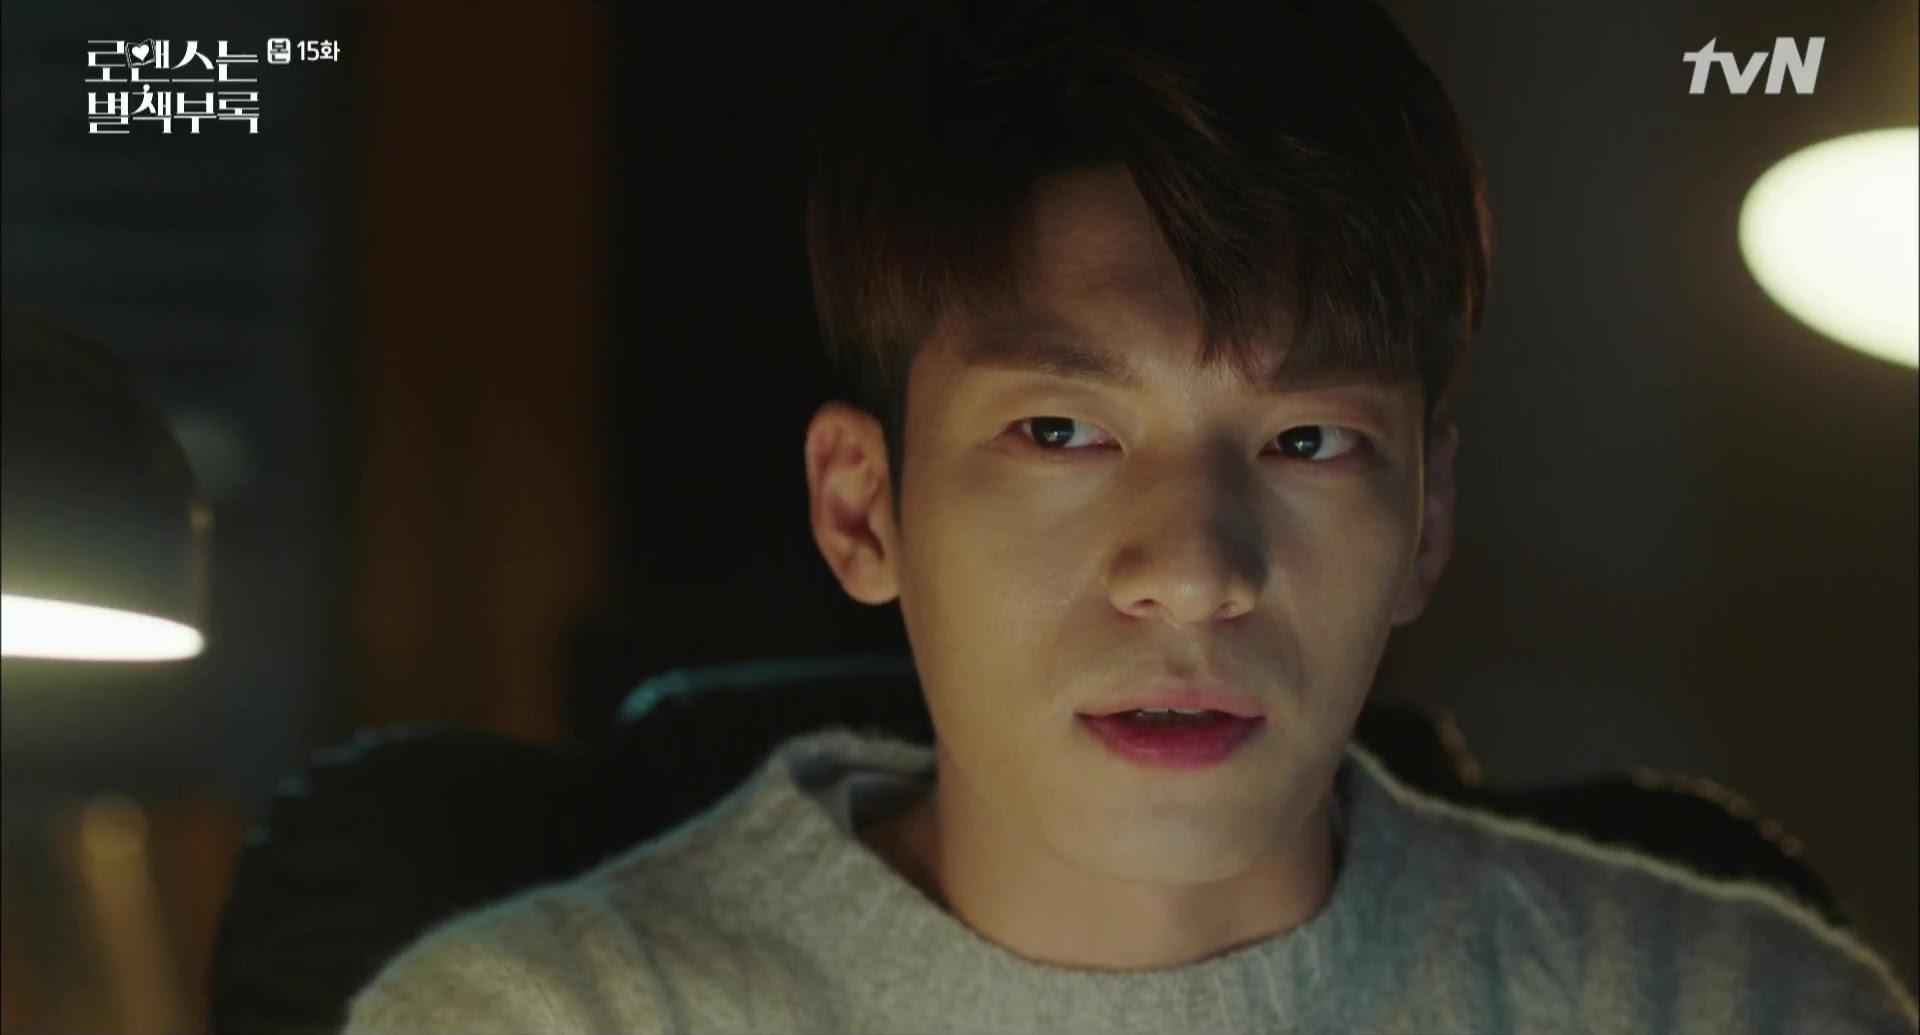 Di Eun ho membaca naskah dan kemudian mengirim email ke alamat yang diberikan meminta penulis untuk memanggilnya untuk menjadwalkan pertemuan